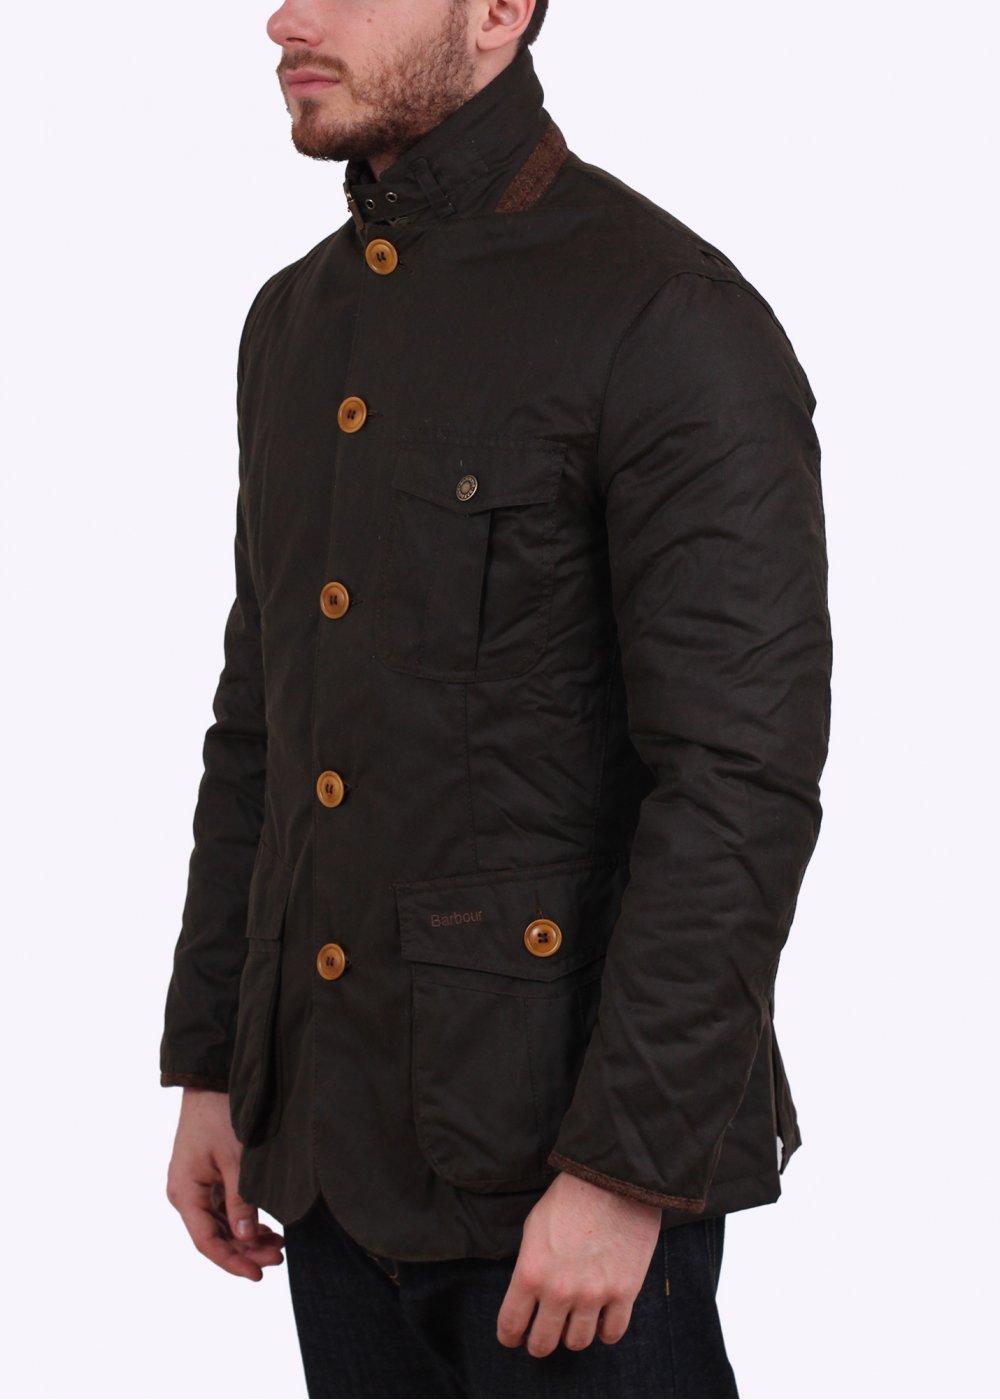 ba_kemp_jacket